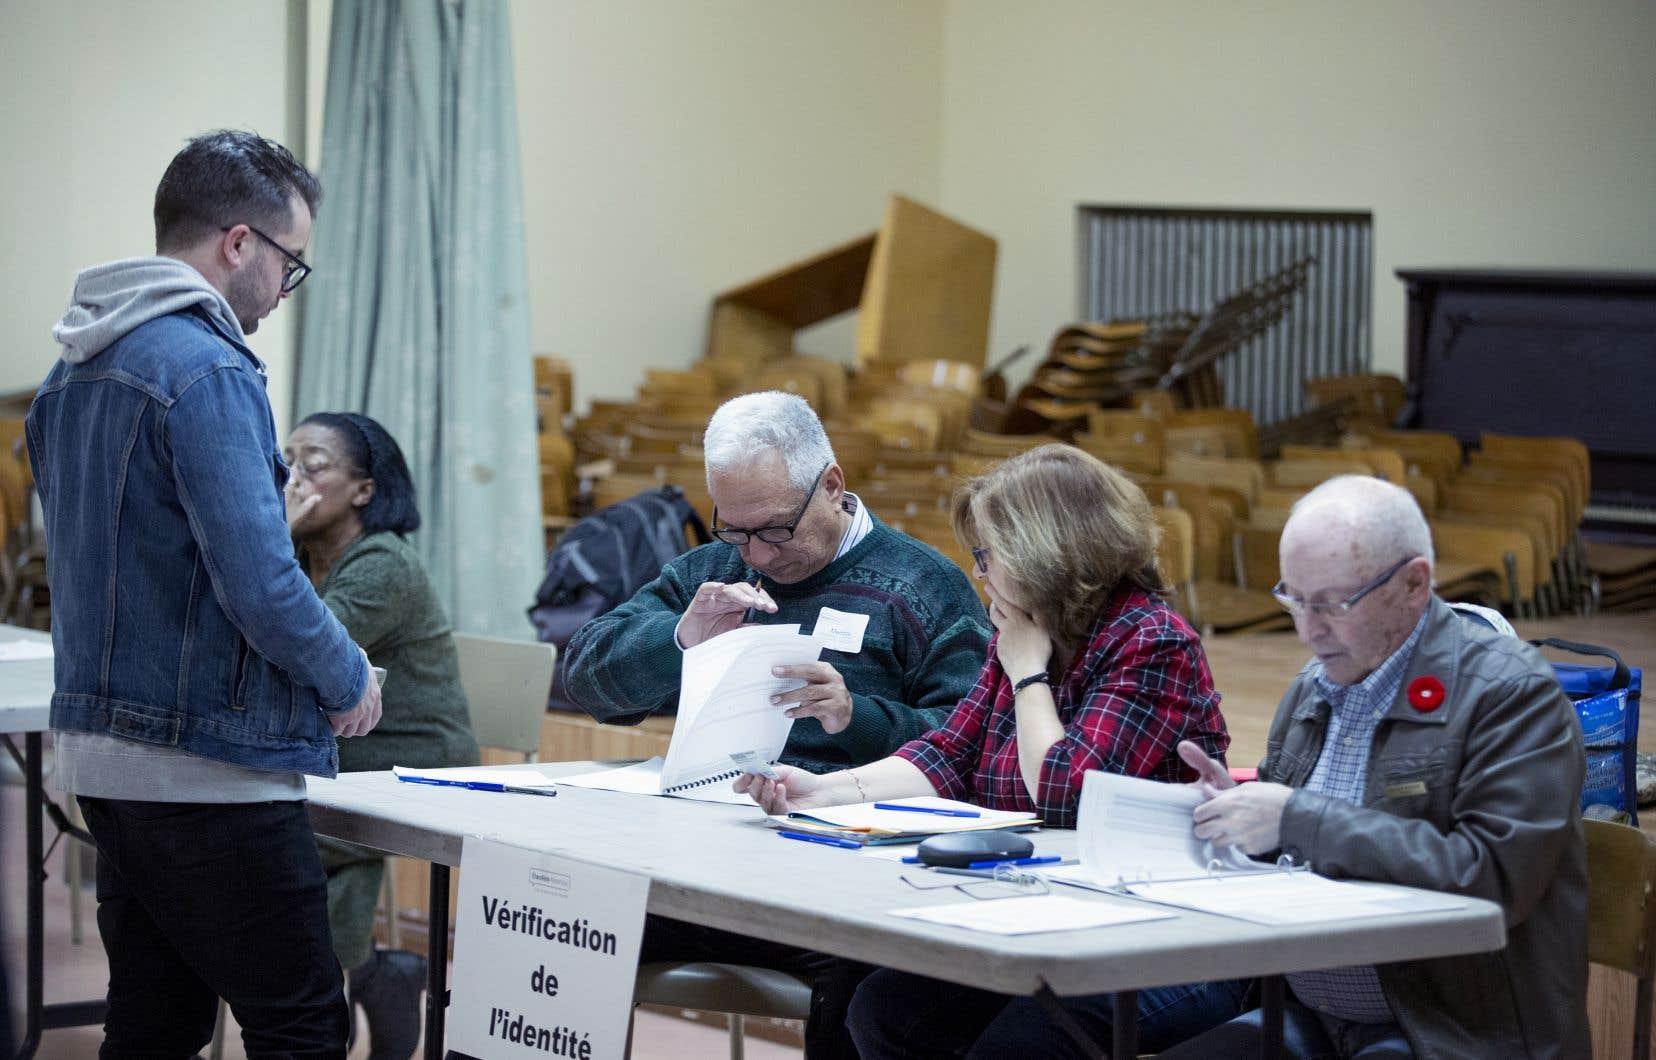 D'après le Conseil interculturel de Montréal, tous les résidents de la métropole, quel que soit leur statut, devraient pouvoir choisir leurs élus lors des élections municipales.